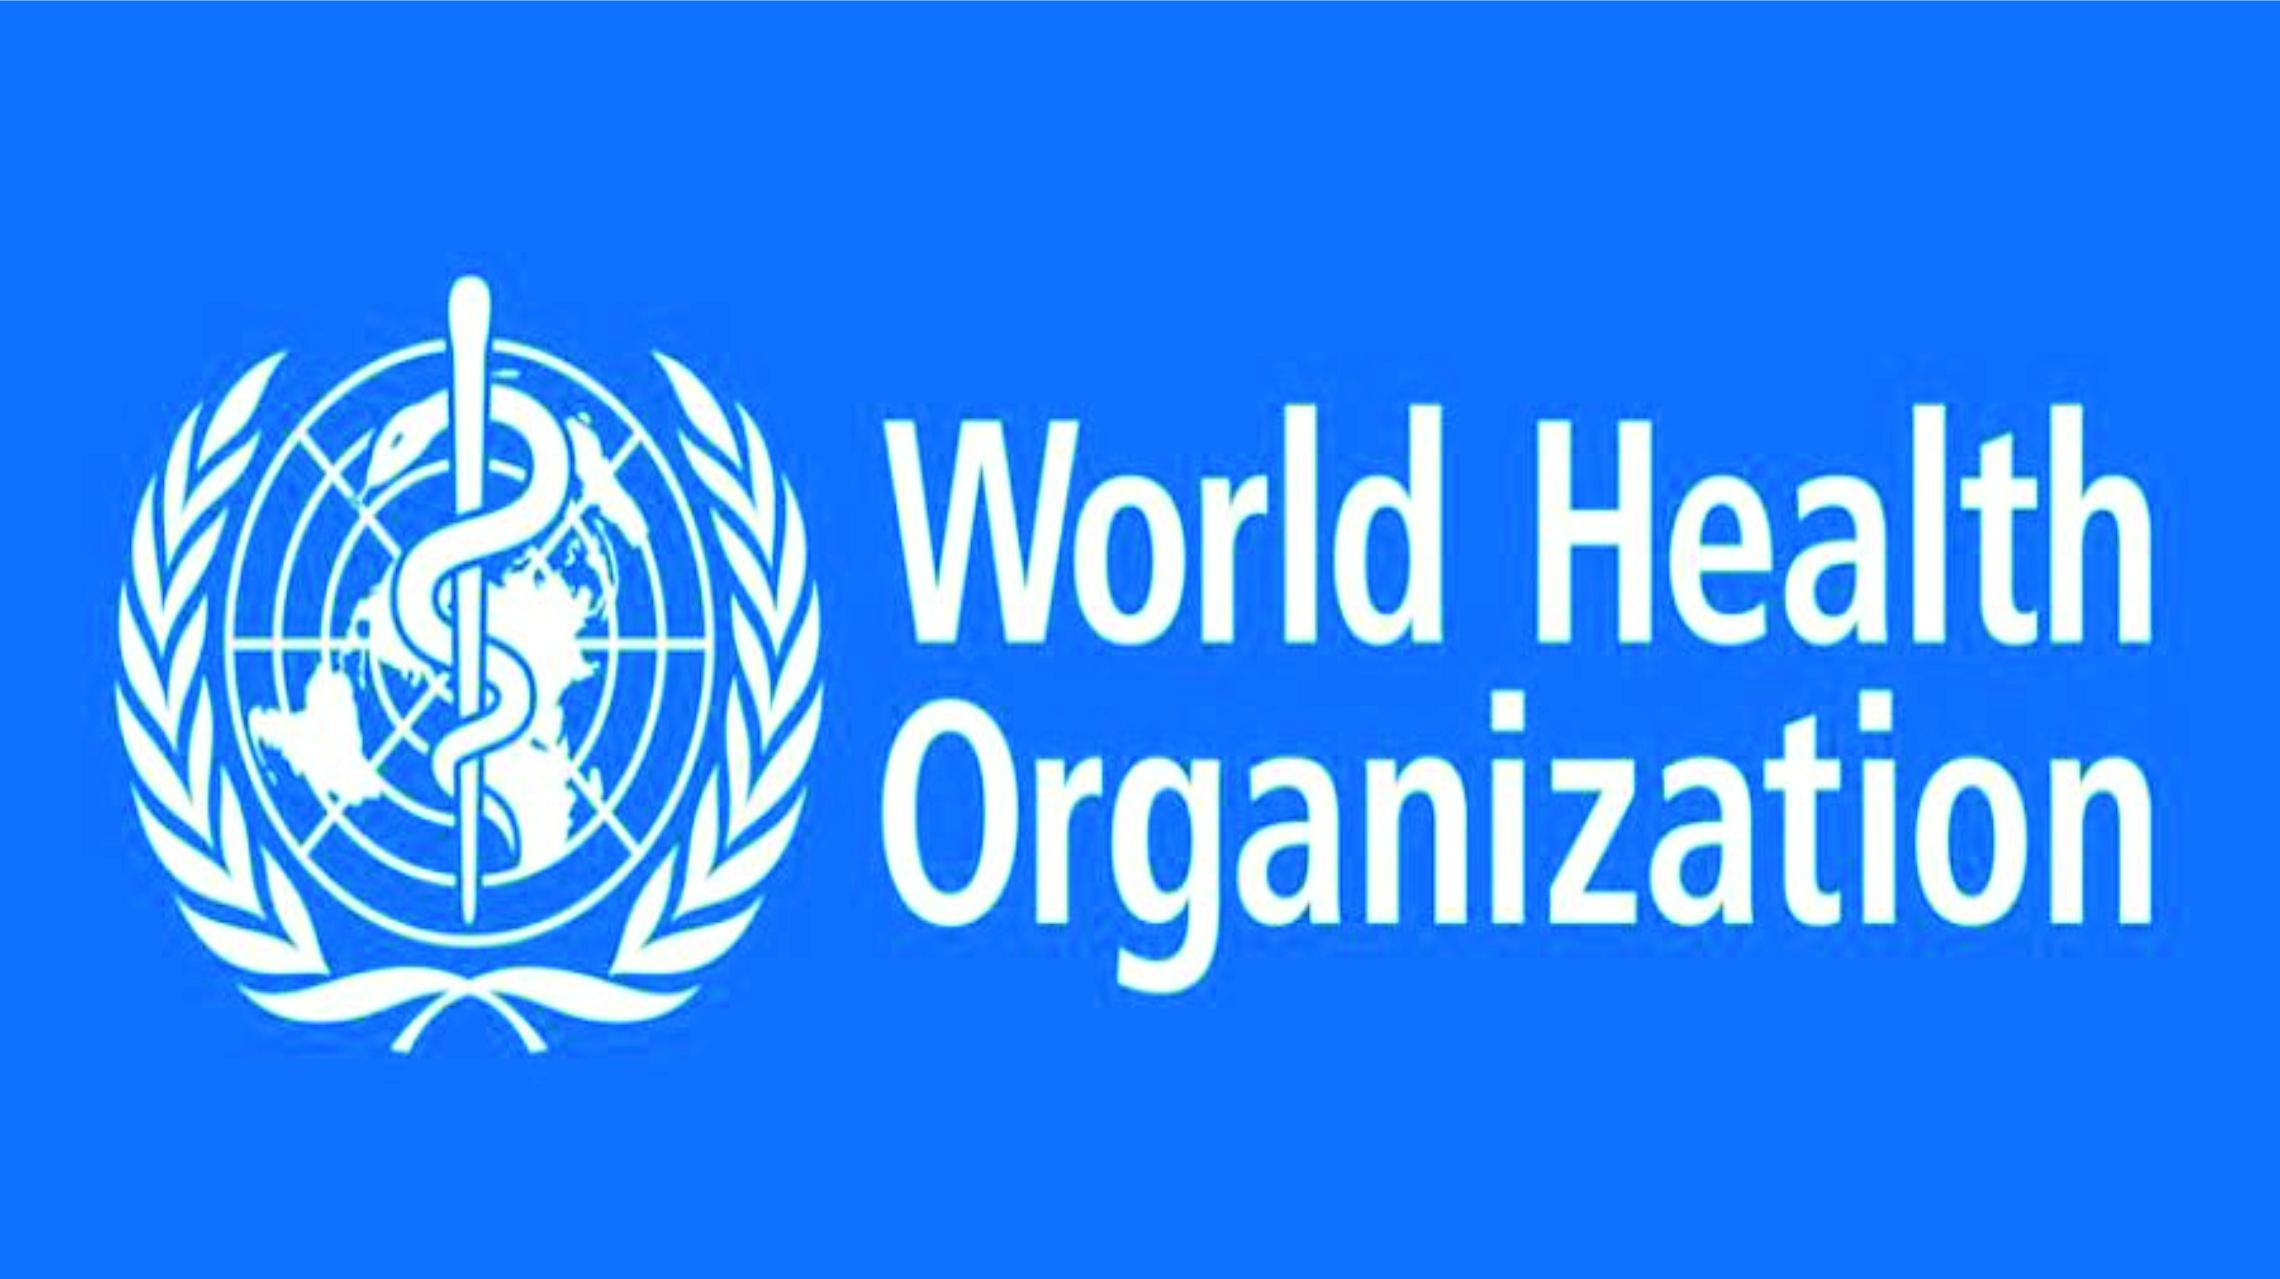 एसियामा कोभिड–१९ महामारी नियन्त्रणमा आउन बाँकी रहेको विश्व स्वास्थ्य संंगठन (WHO)को चेतावनी